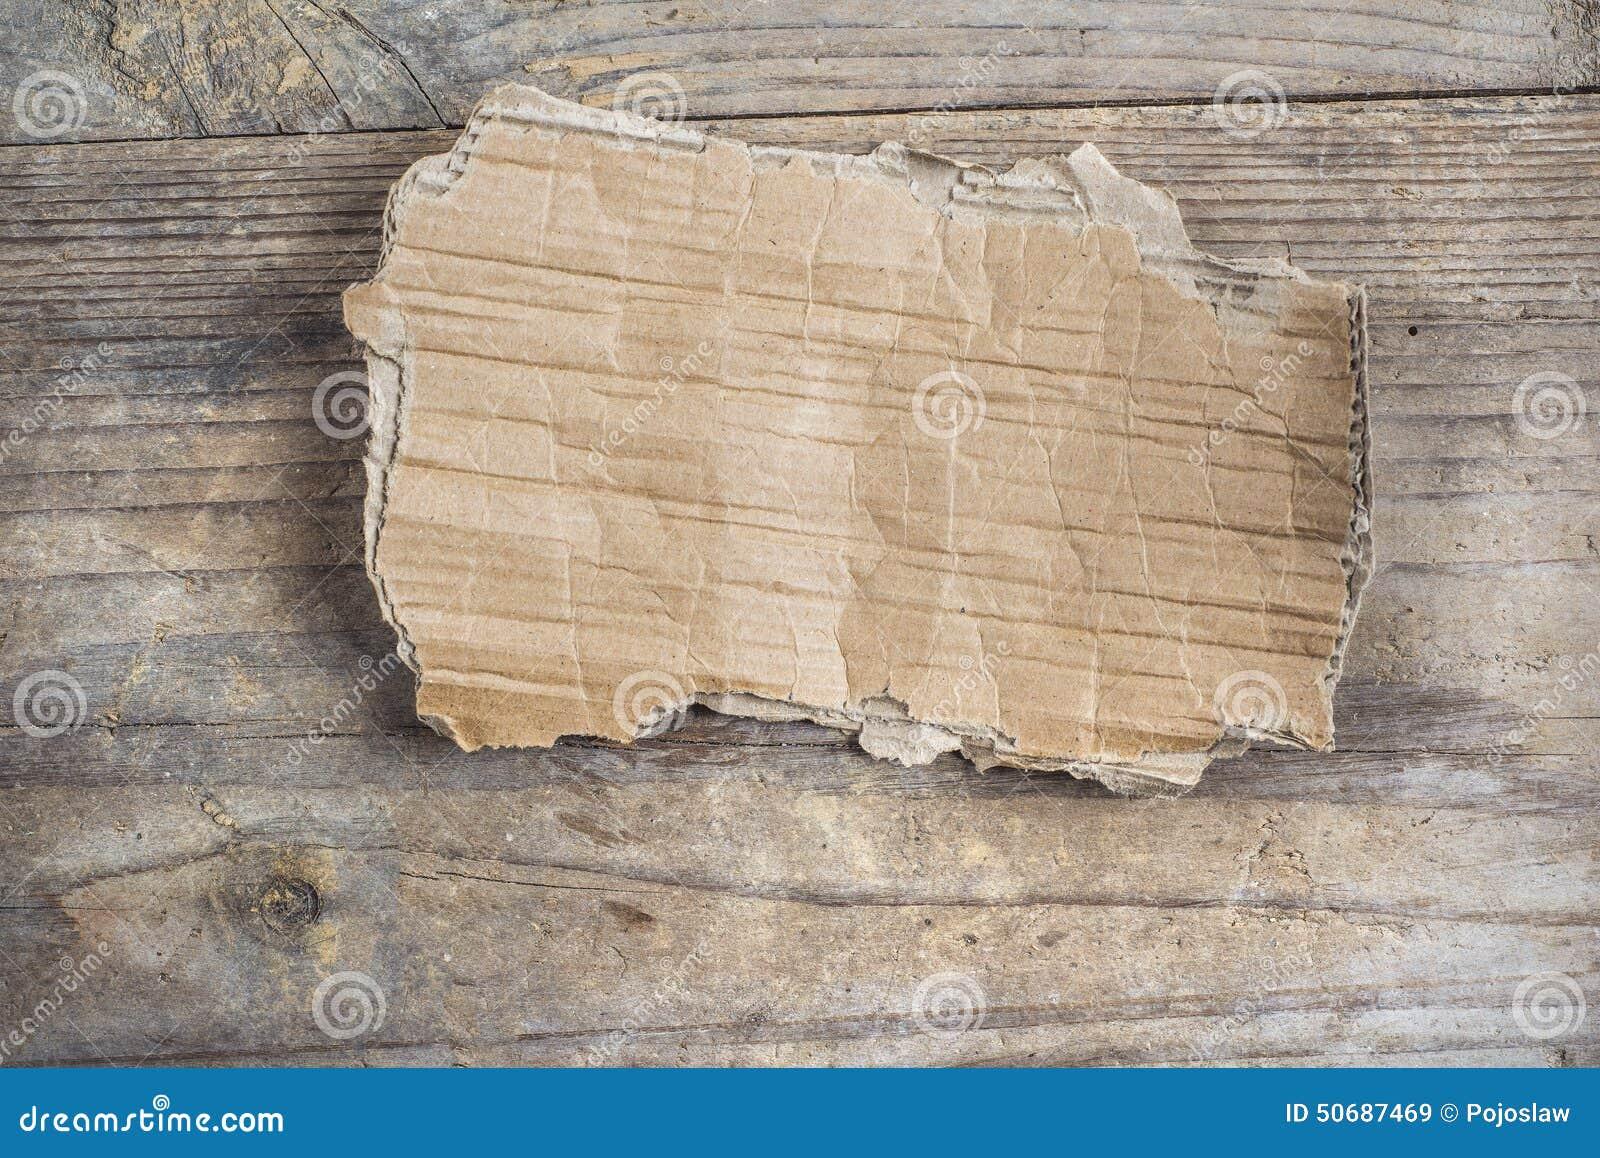 Download 纸盒背景 库存图片. 图片 包括有 装箱, 材料, 抽象, 设计, 表面, 详细资料, 折痕, 起皱纹, 土气 - 50687469